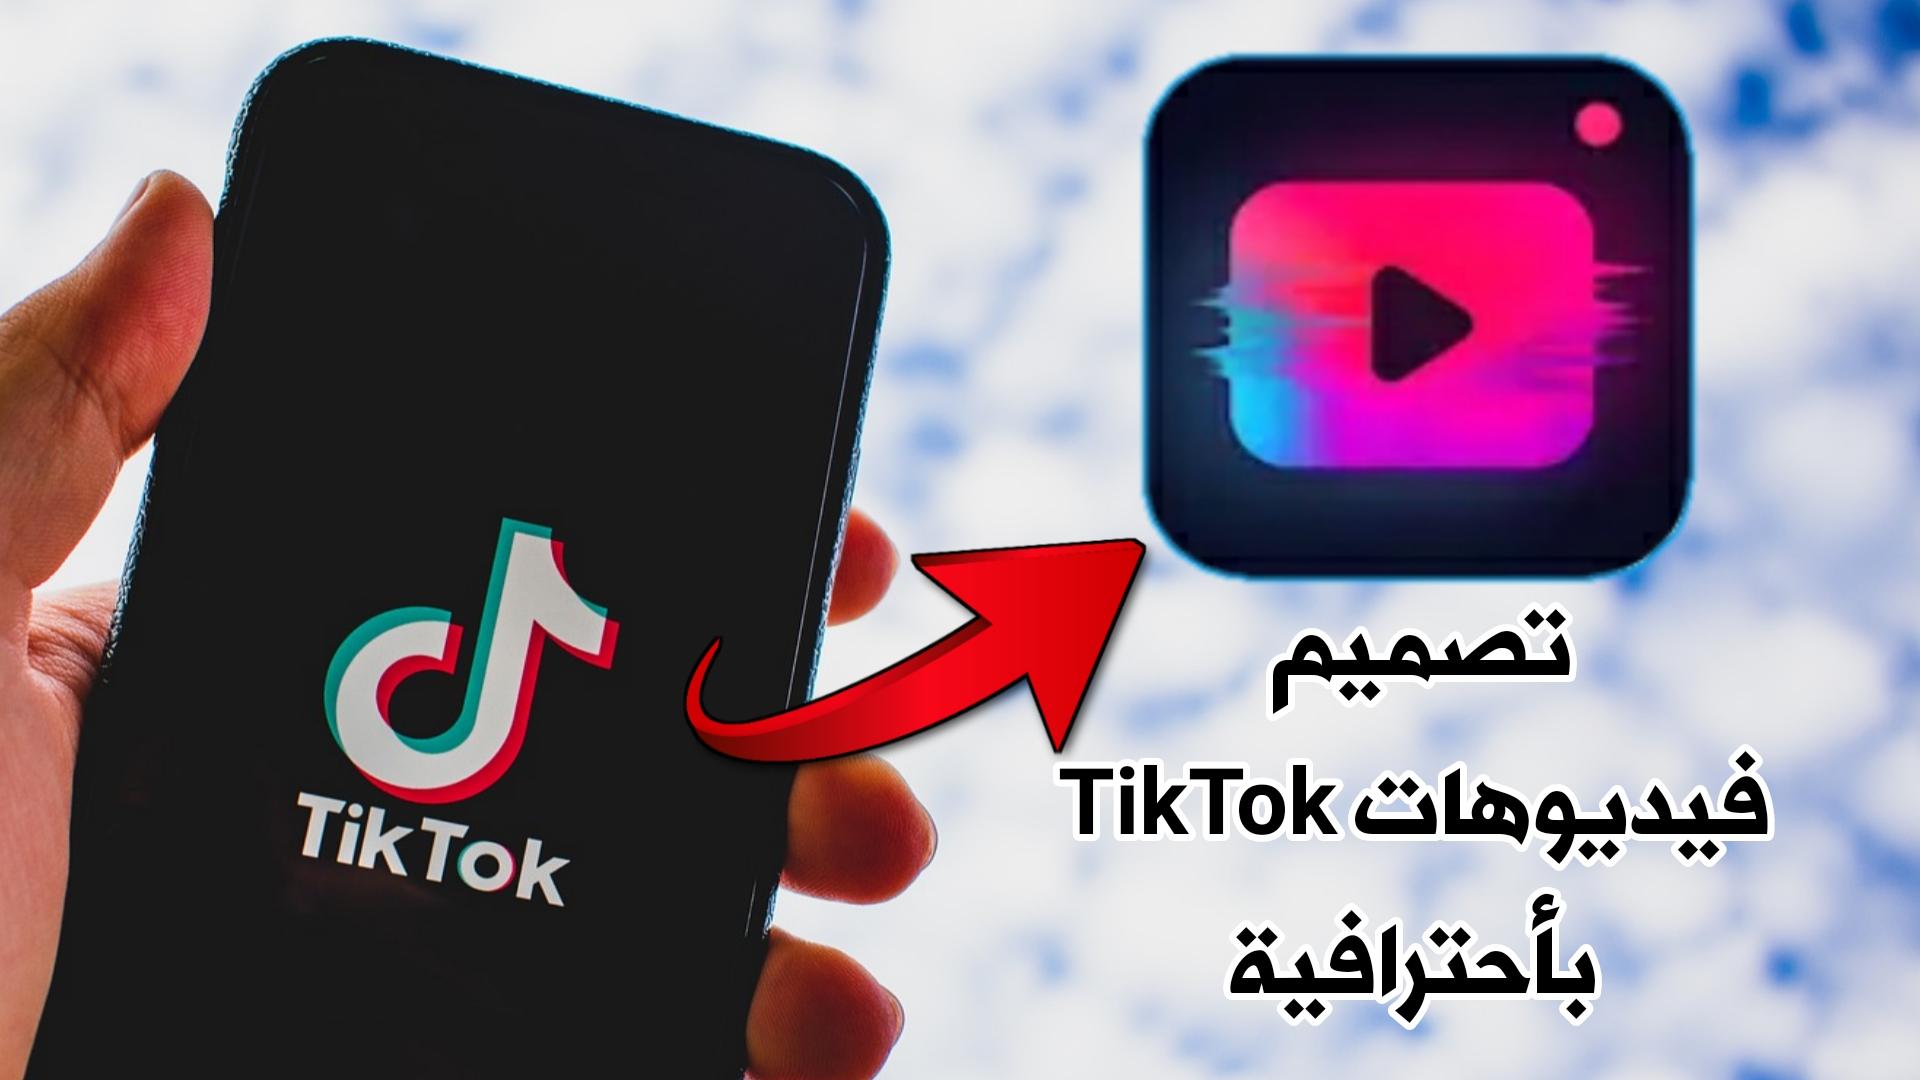 تطبيق تصميم فيديوهات TikTok وأنستا وأضافة صور وموسيقى بأحترافية!